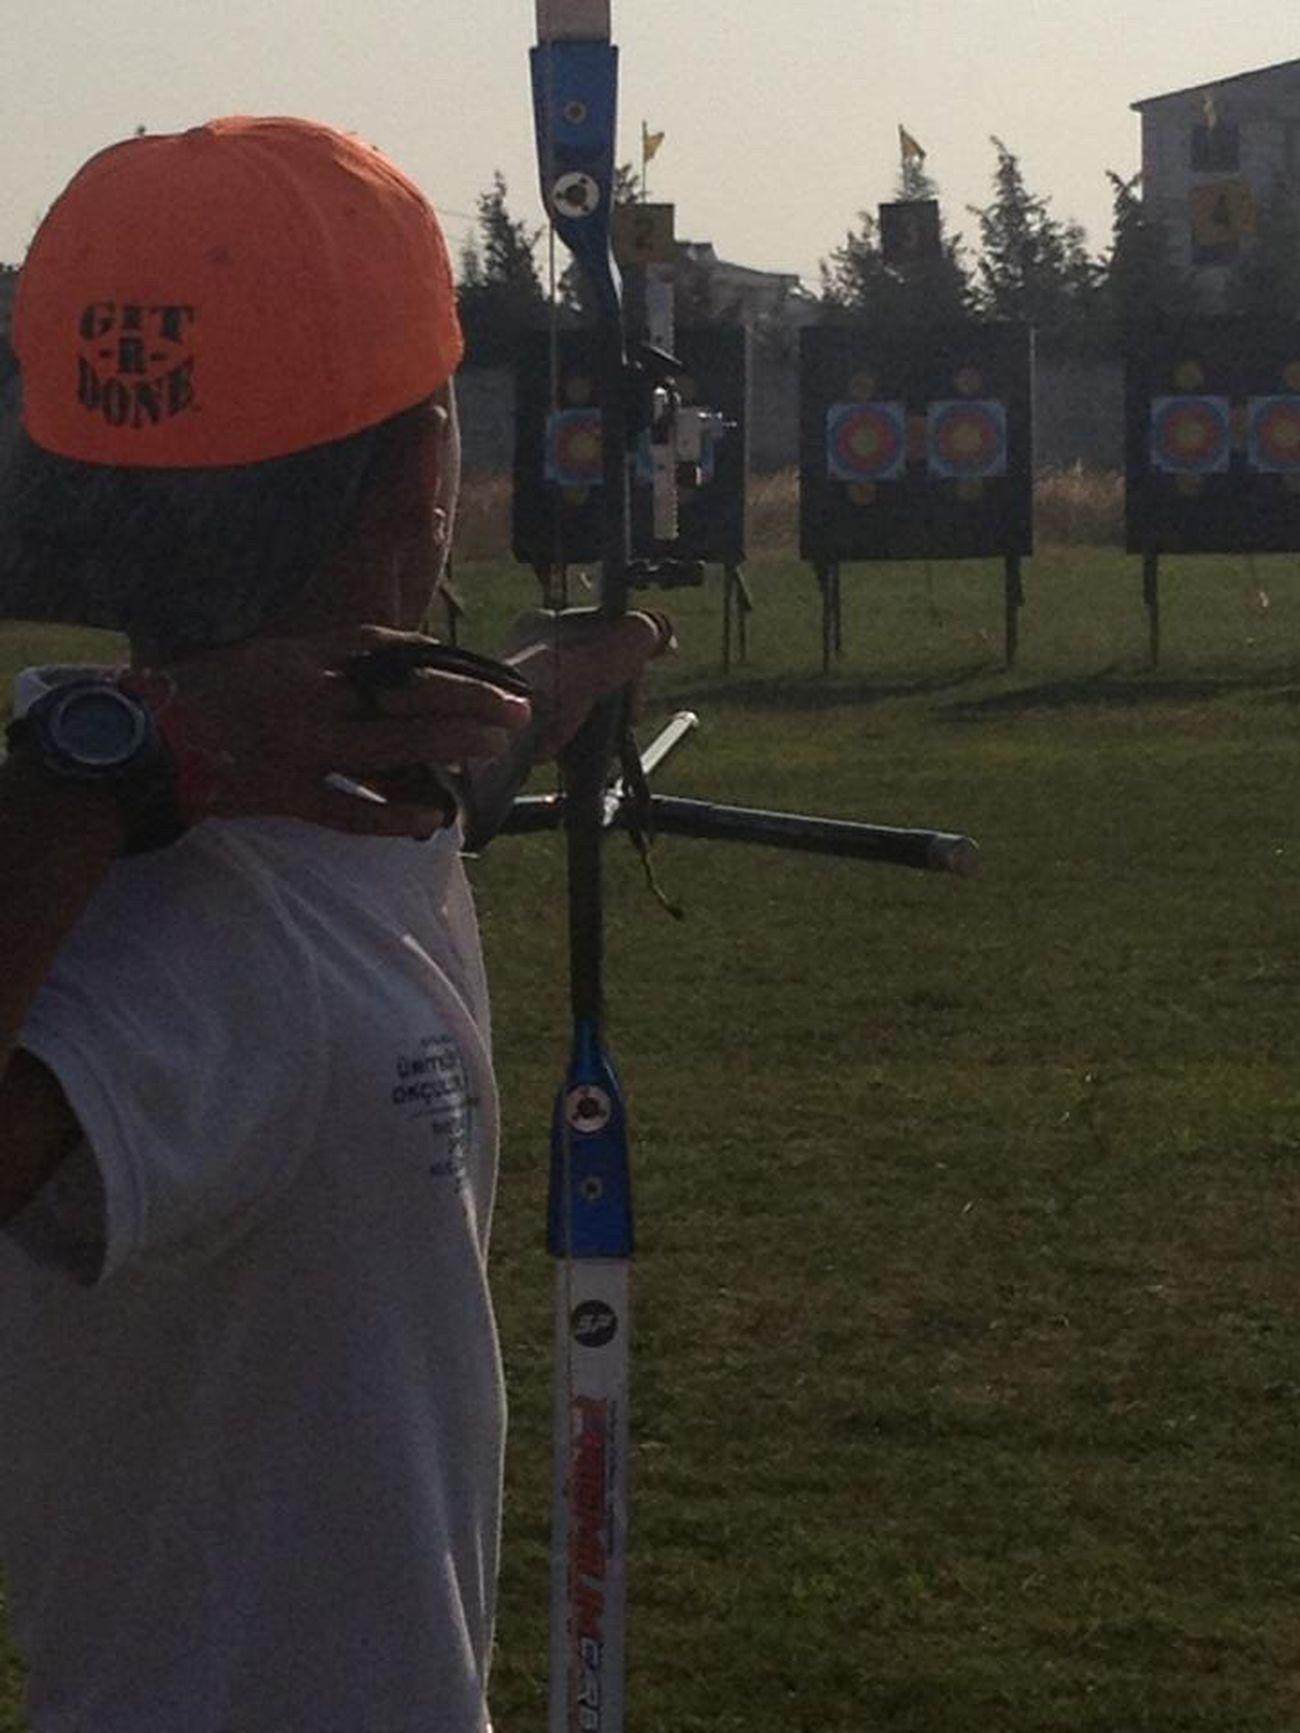 Archery Archerboy Archeryturkey Everything Archery Archers